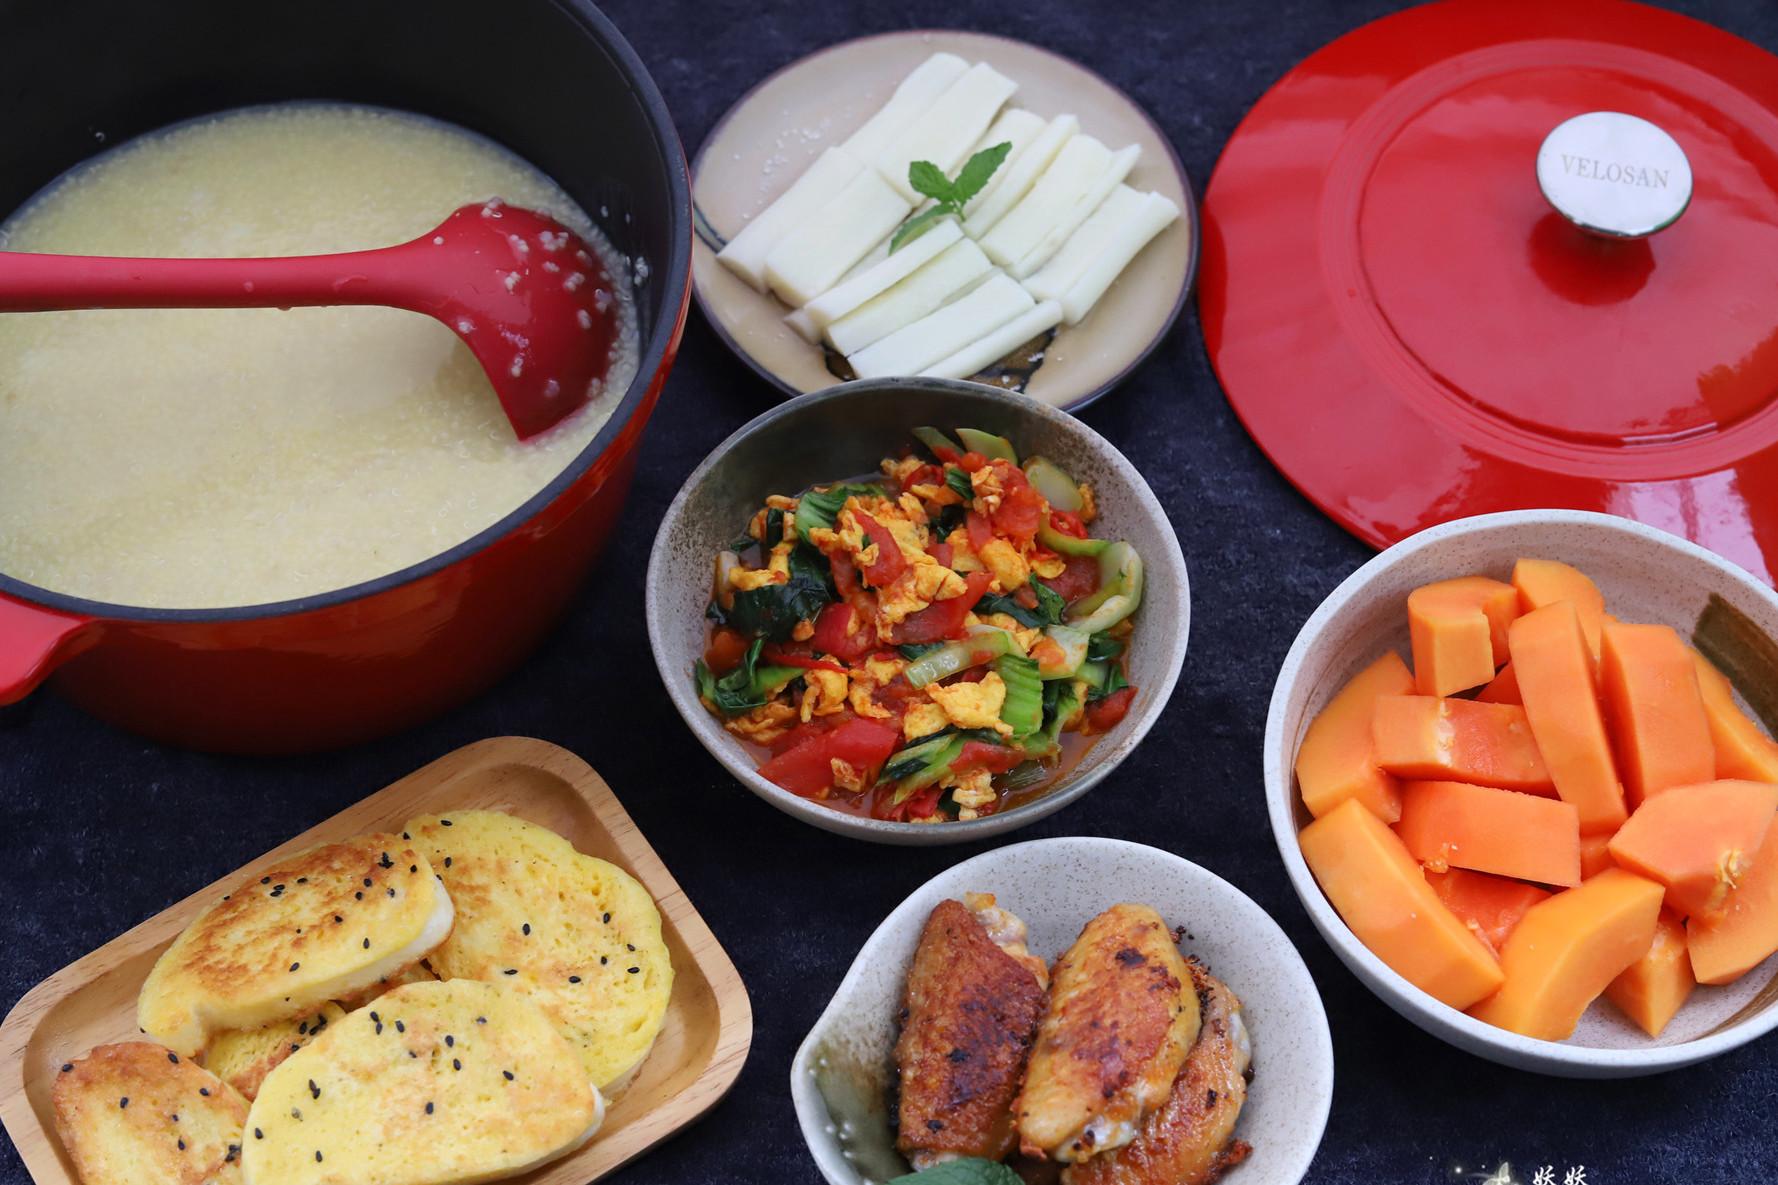 丰盛营养的中式早餐,吃着管饱又解馋